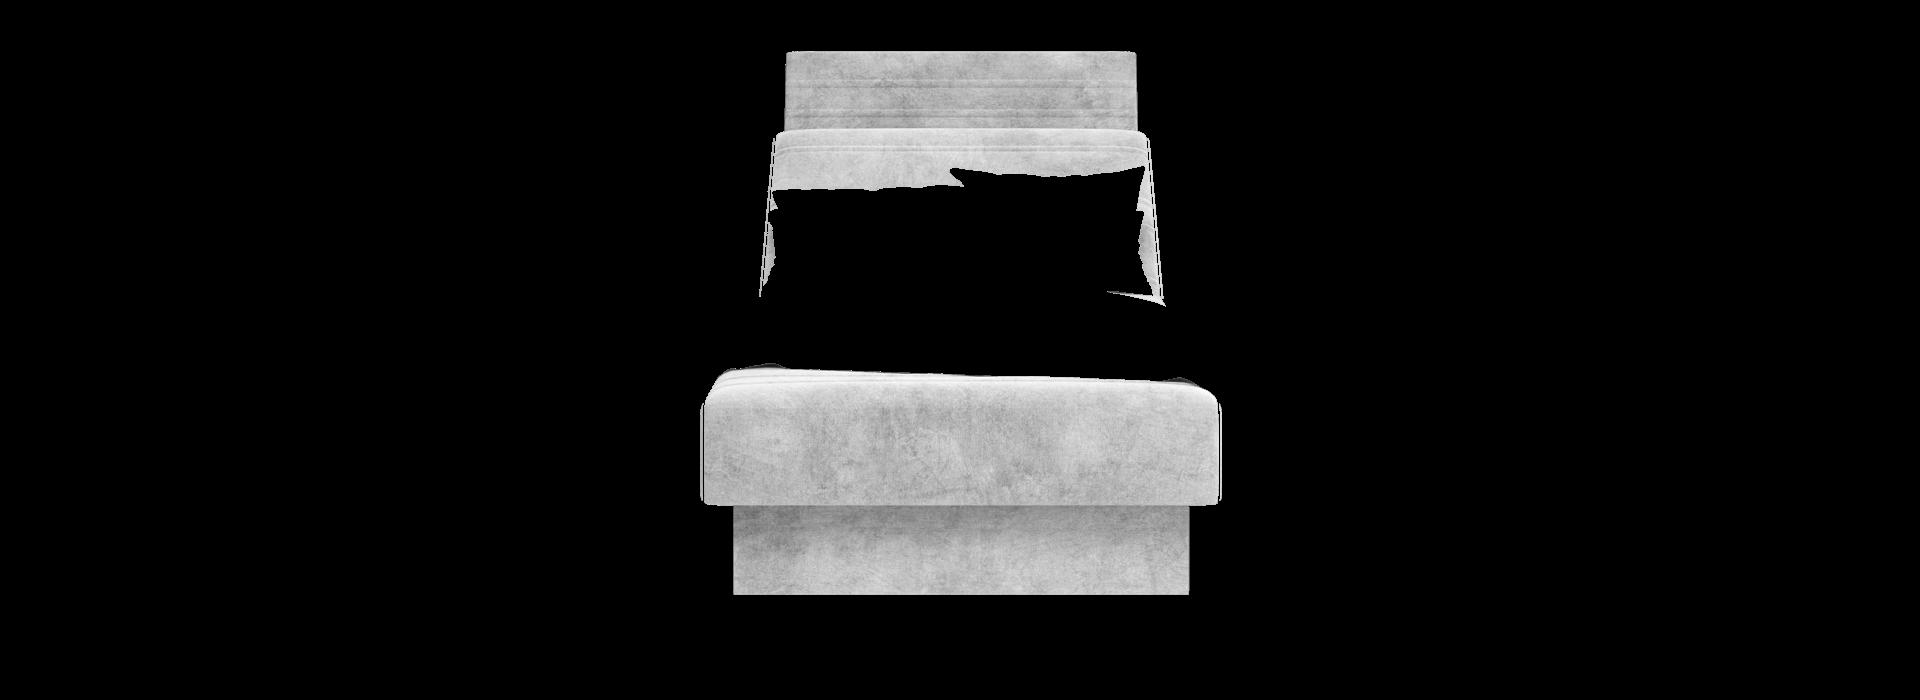 Аміра 0.9 МП ліжко с 2-ма підйомниками - маска 1